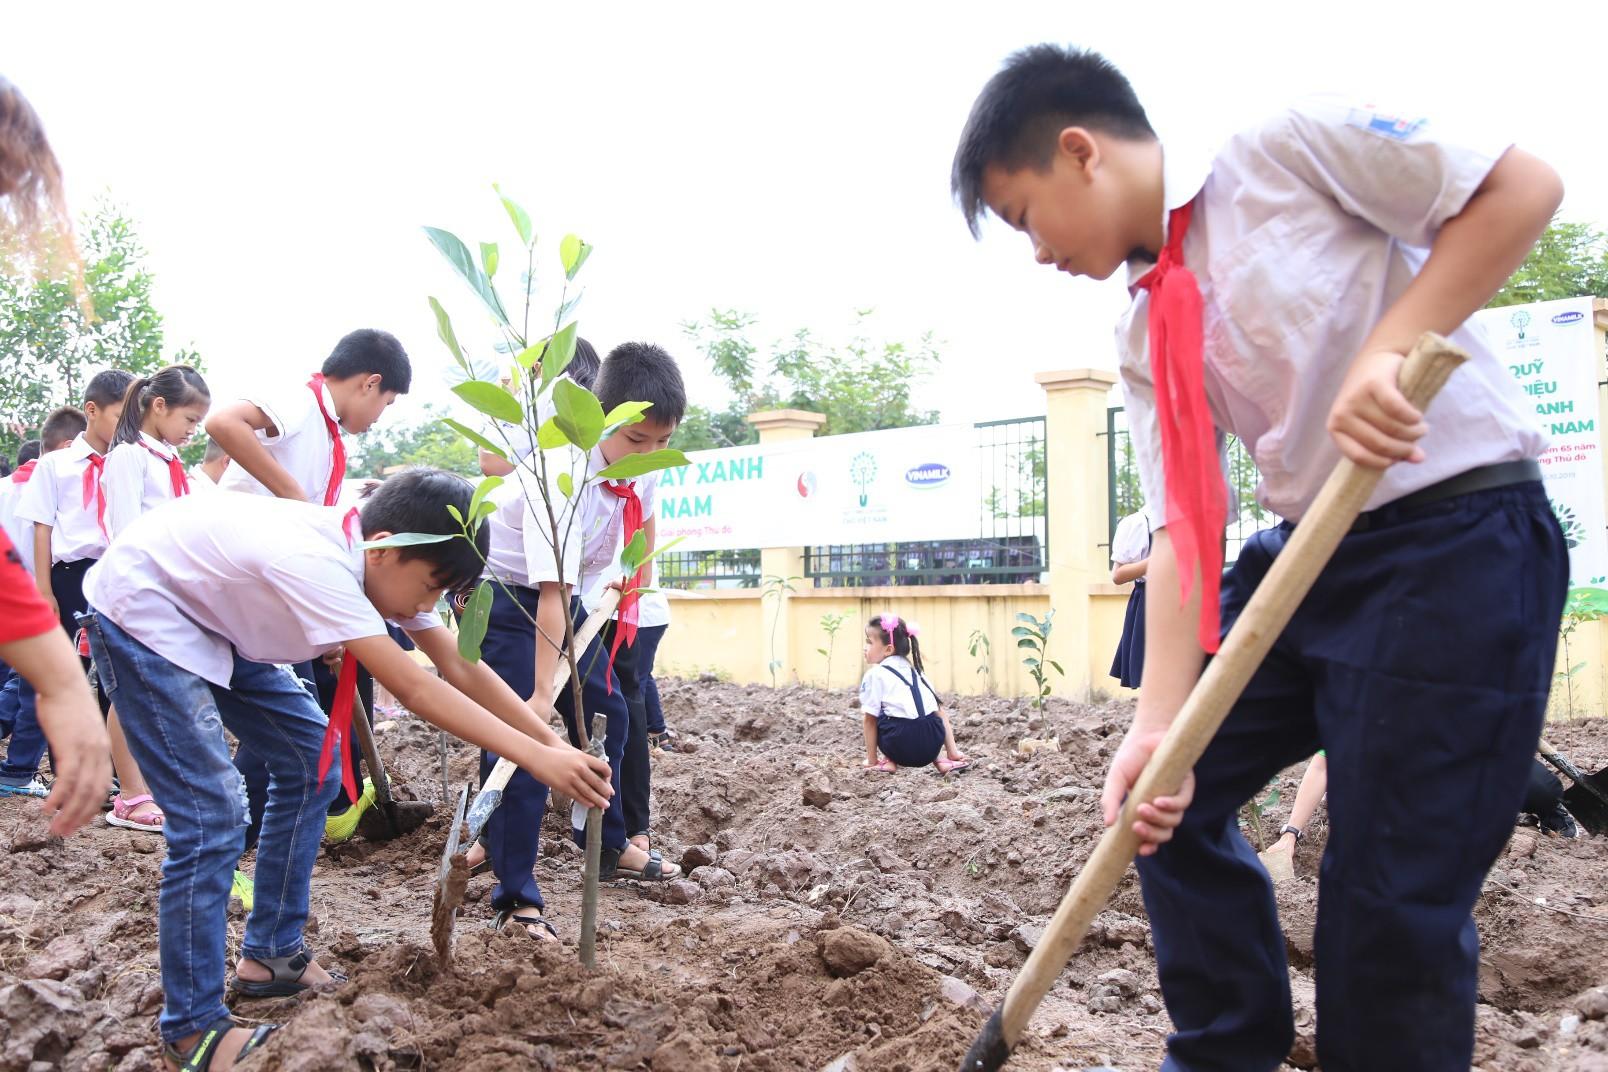 Vinamilk chung tay bảo vệ môi trường Thủ đô thông qua quỹ 1 triệu cây xanh cho Việt Nam - Ảnh 1.